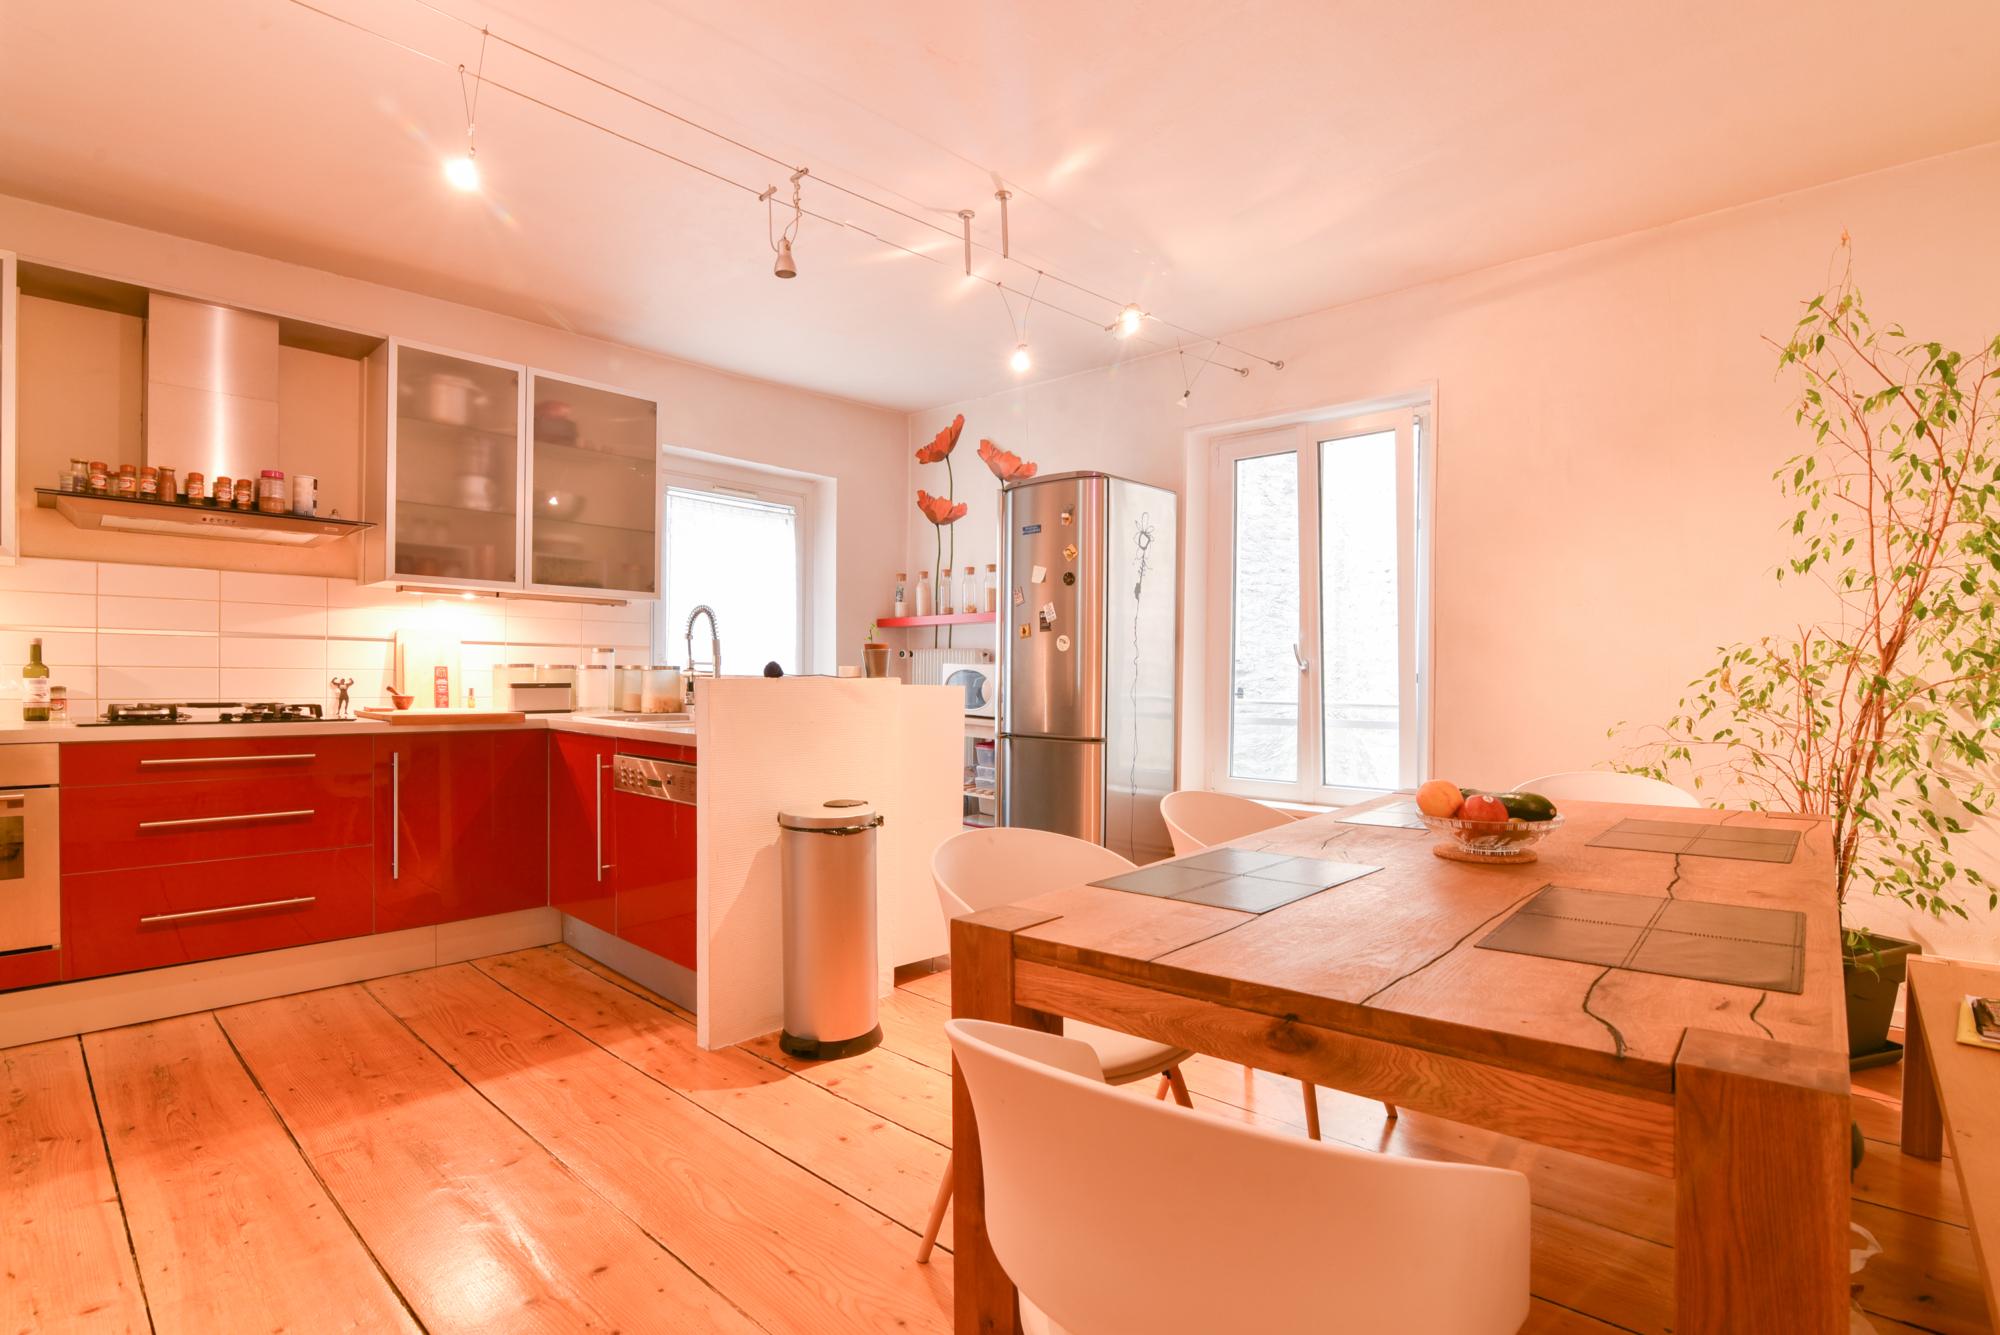 [Cocon] Magnifique 3 pièces au parquet qui grince - Faubourg de Pierre / rue du Chevreuil - nos ventes - Beausite Immobilier 4